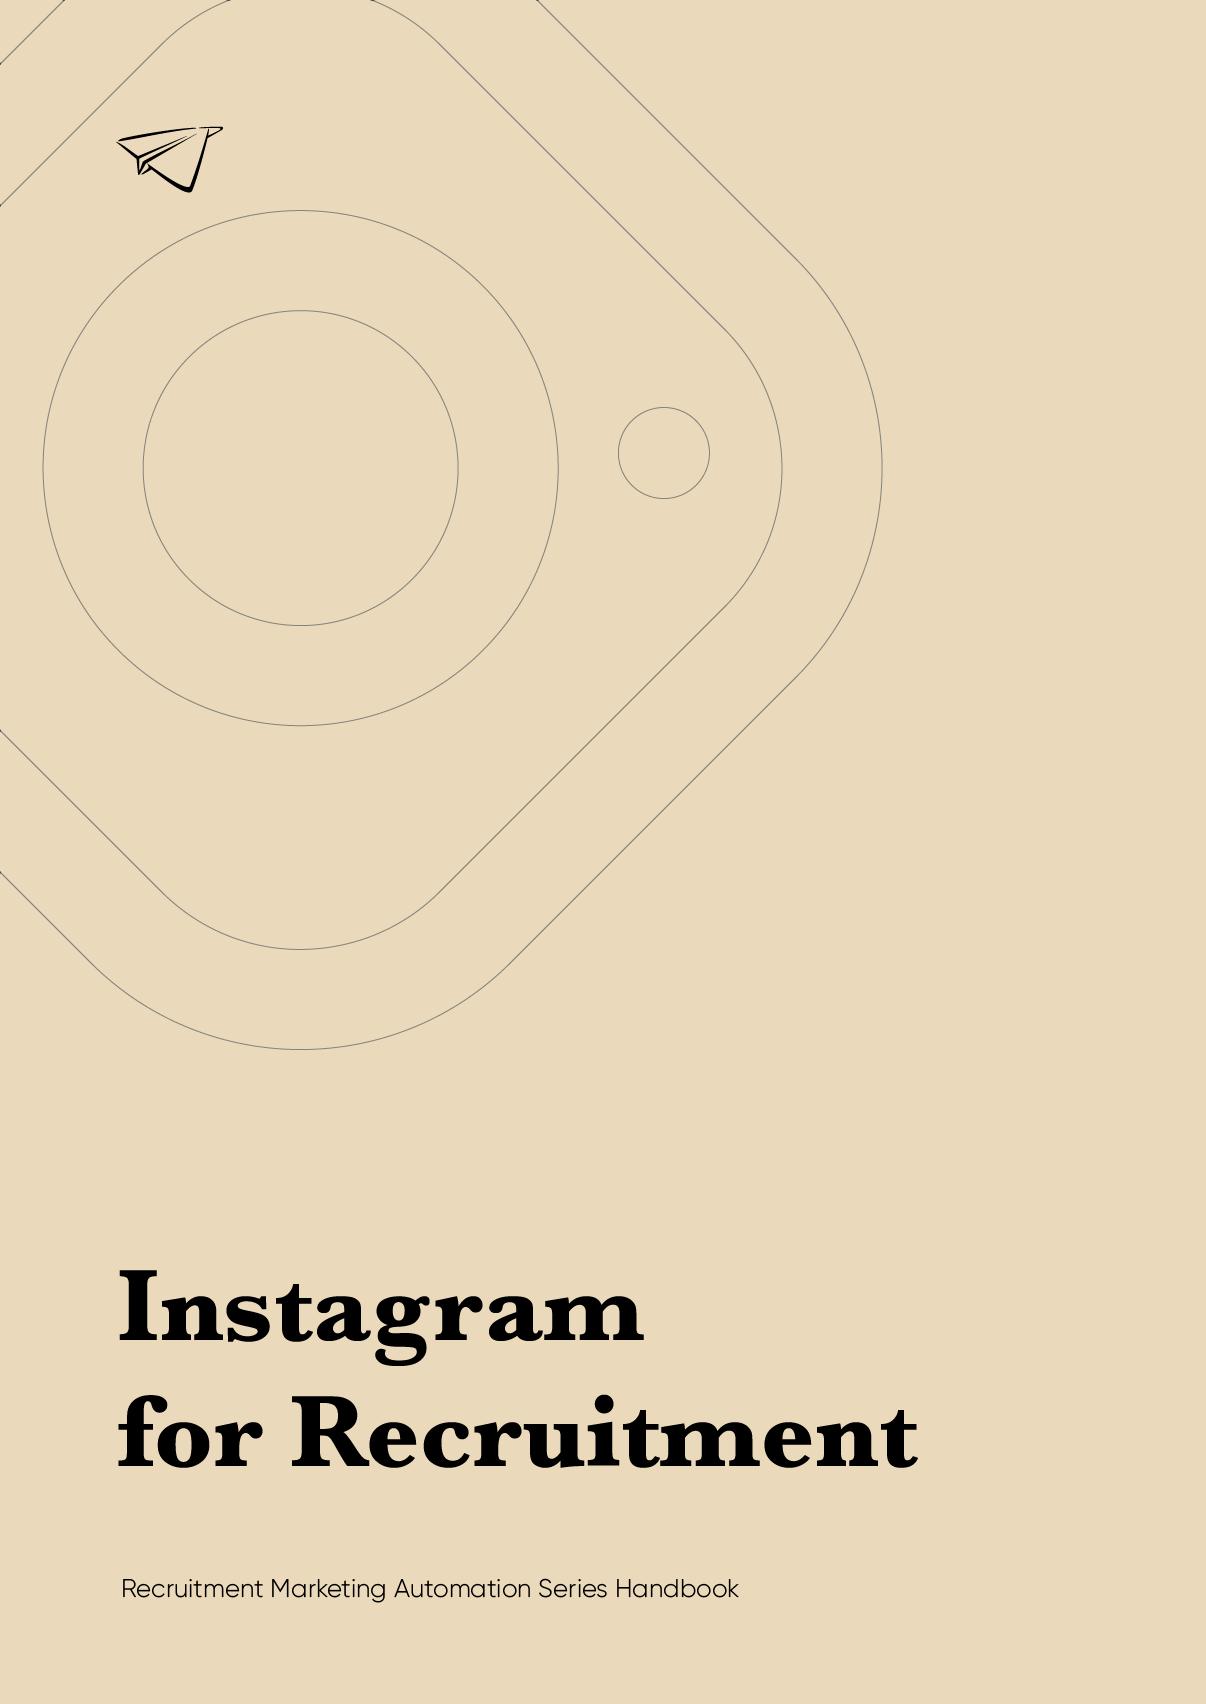 Instagram for Recruitment